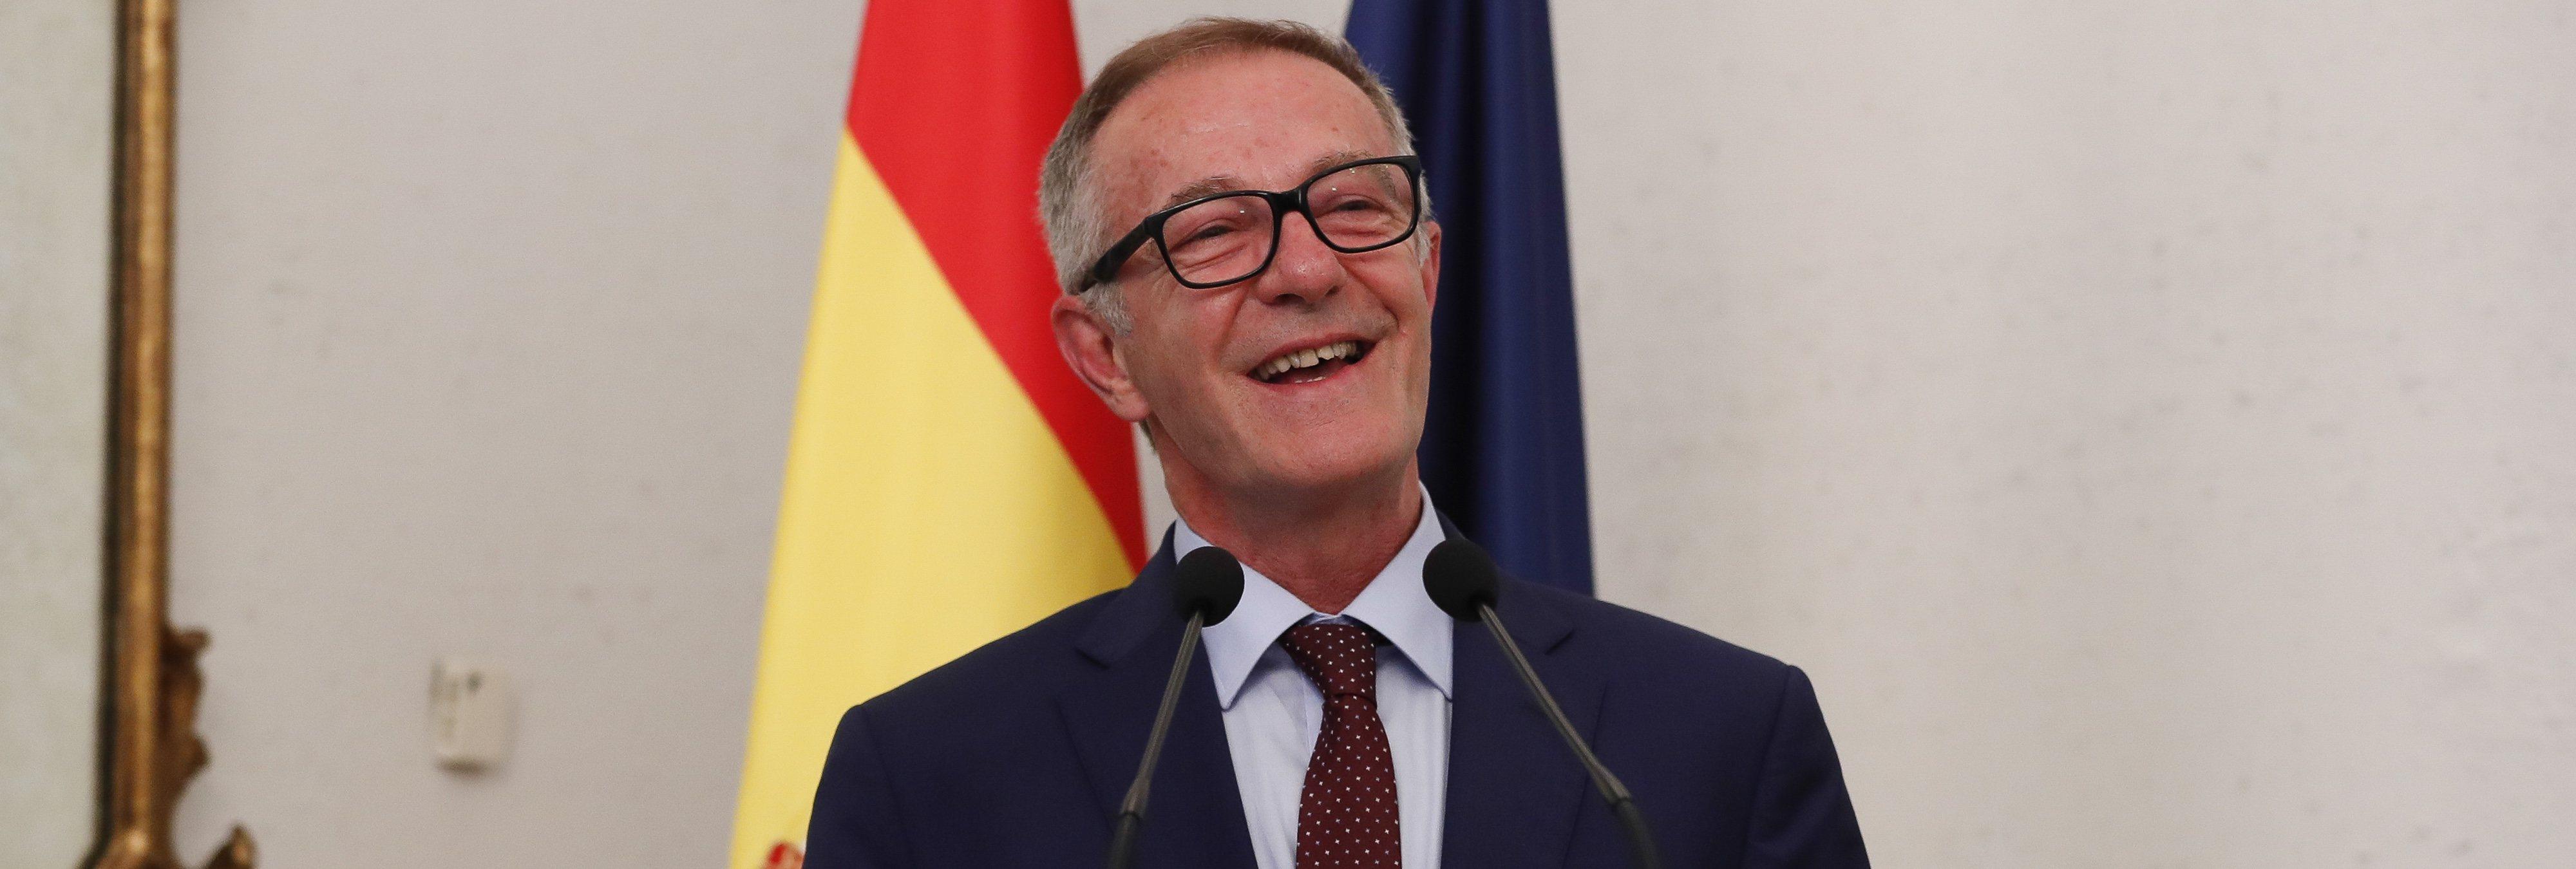 """El nuevo ministro de Cultura sostiene que la tauromaquia """"es un juego primitivo"""""""